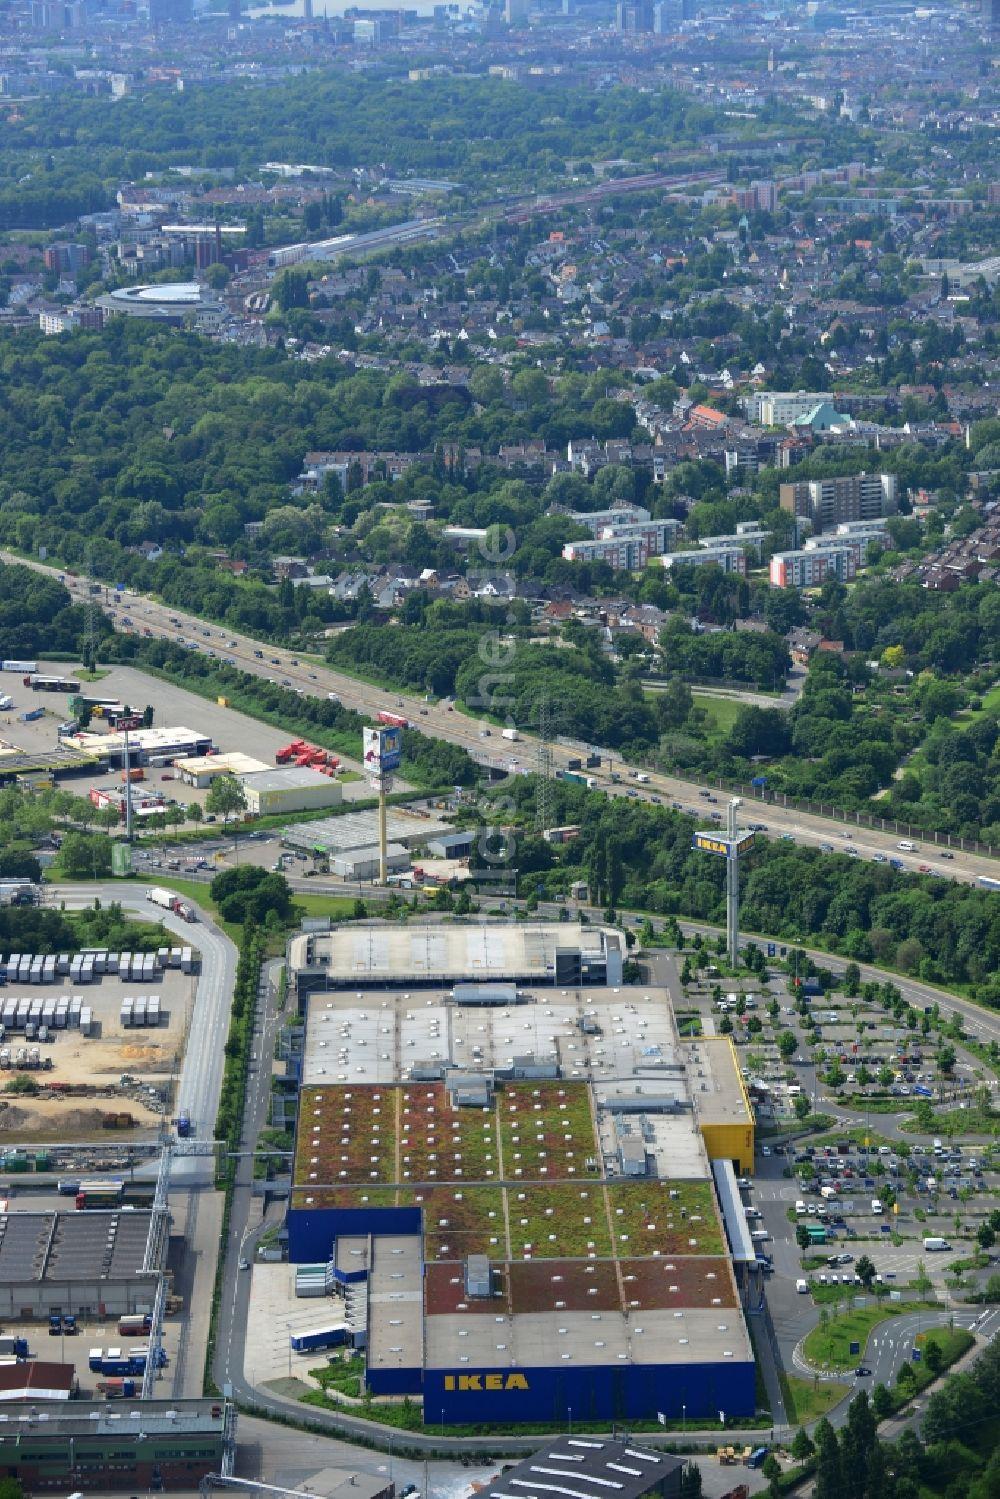 Luftbild Düsseldorf - IKEA Einrichtungshaus / Möbelhaus in ...